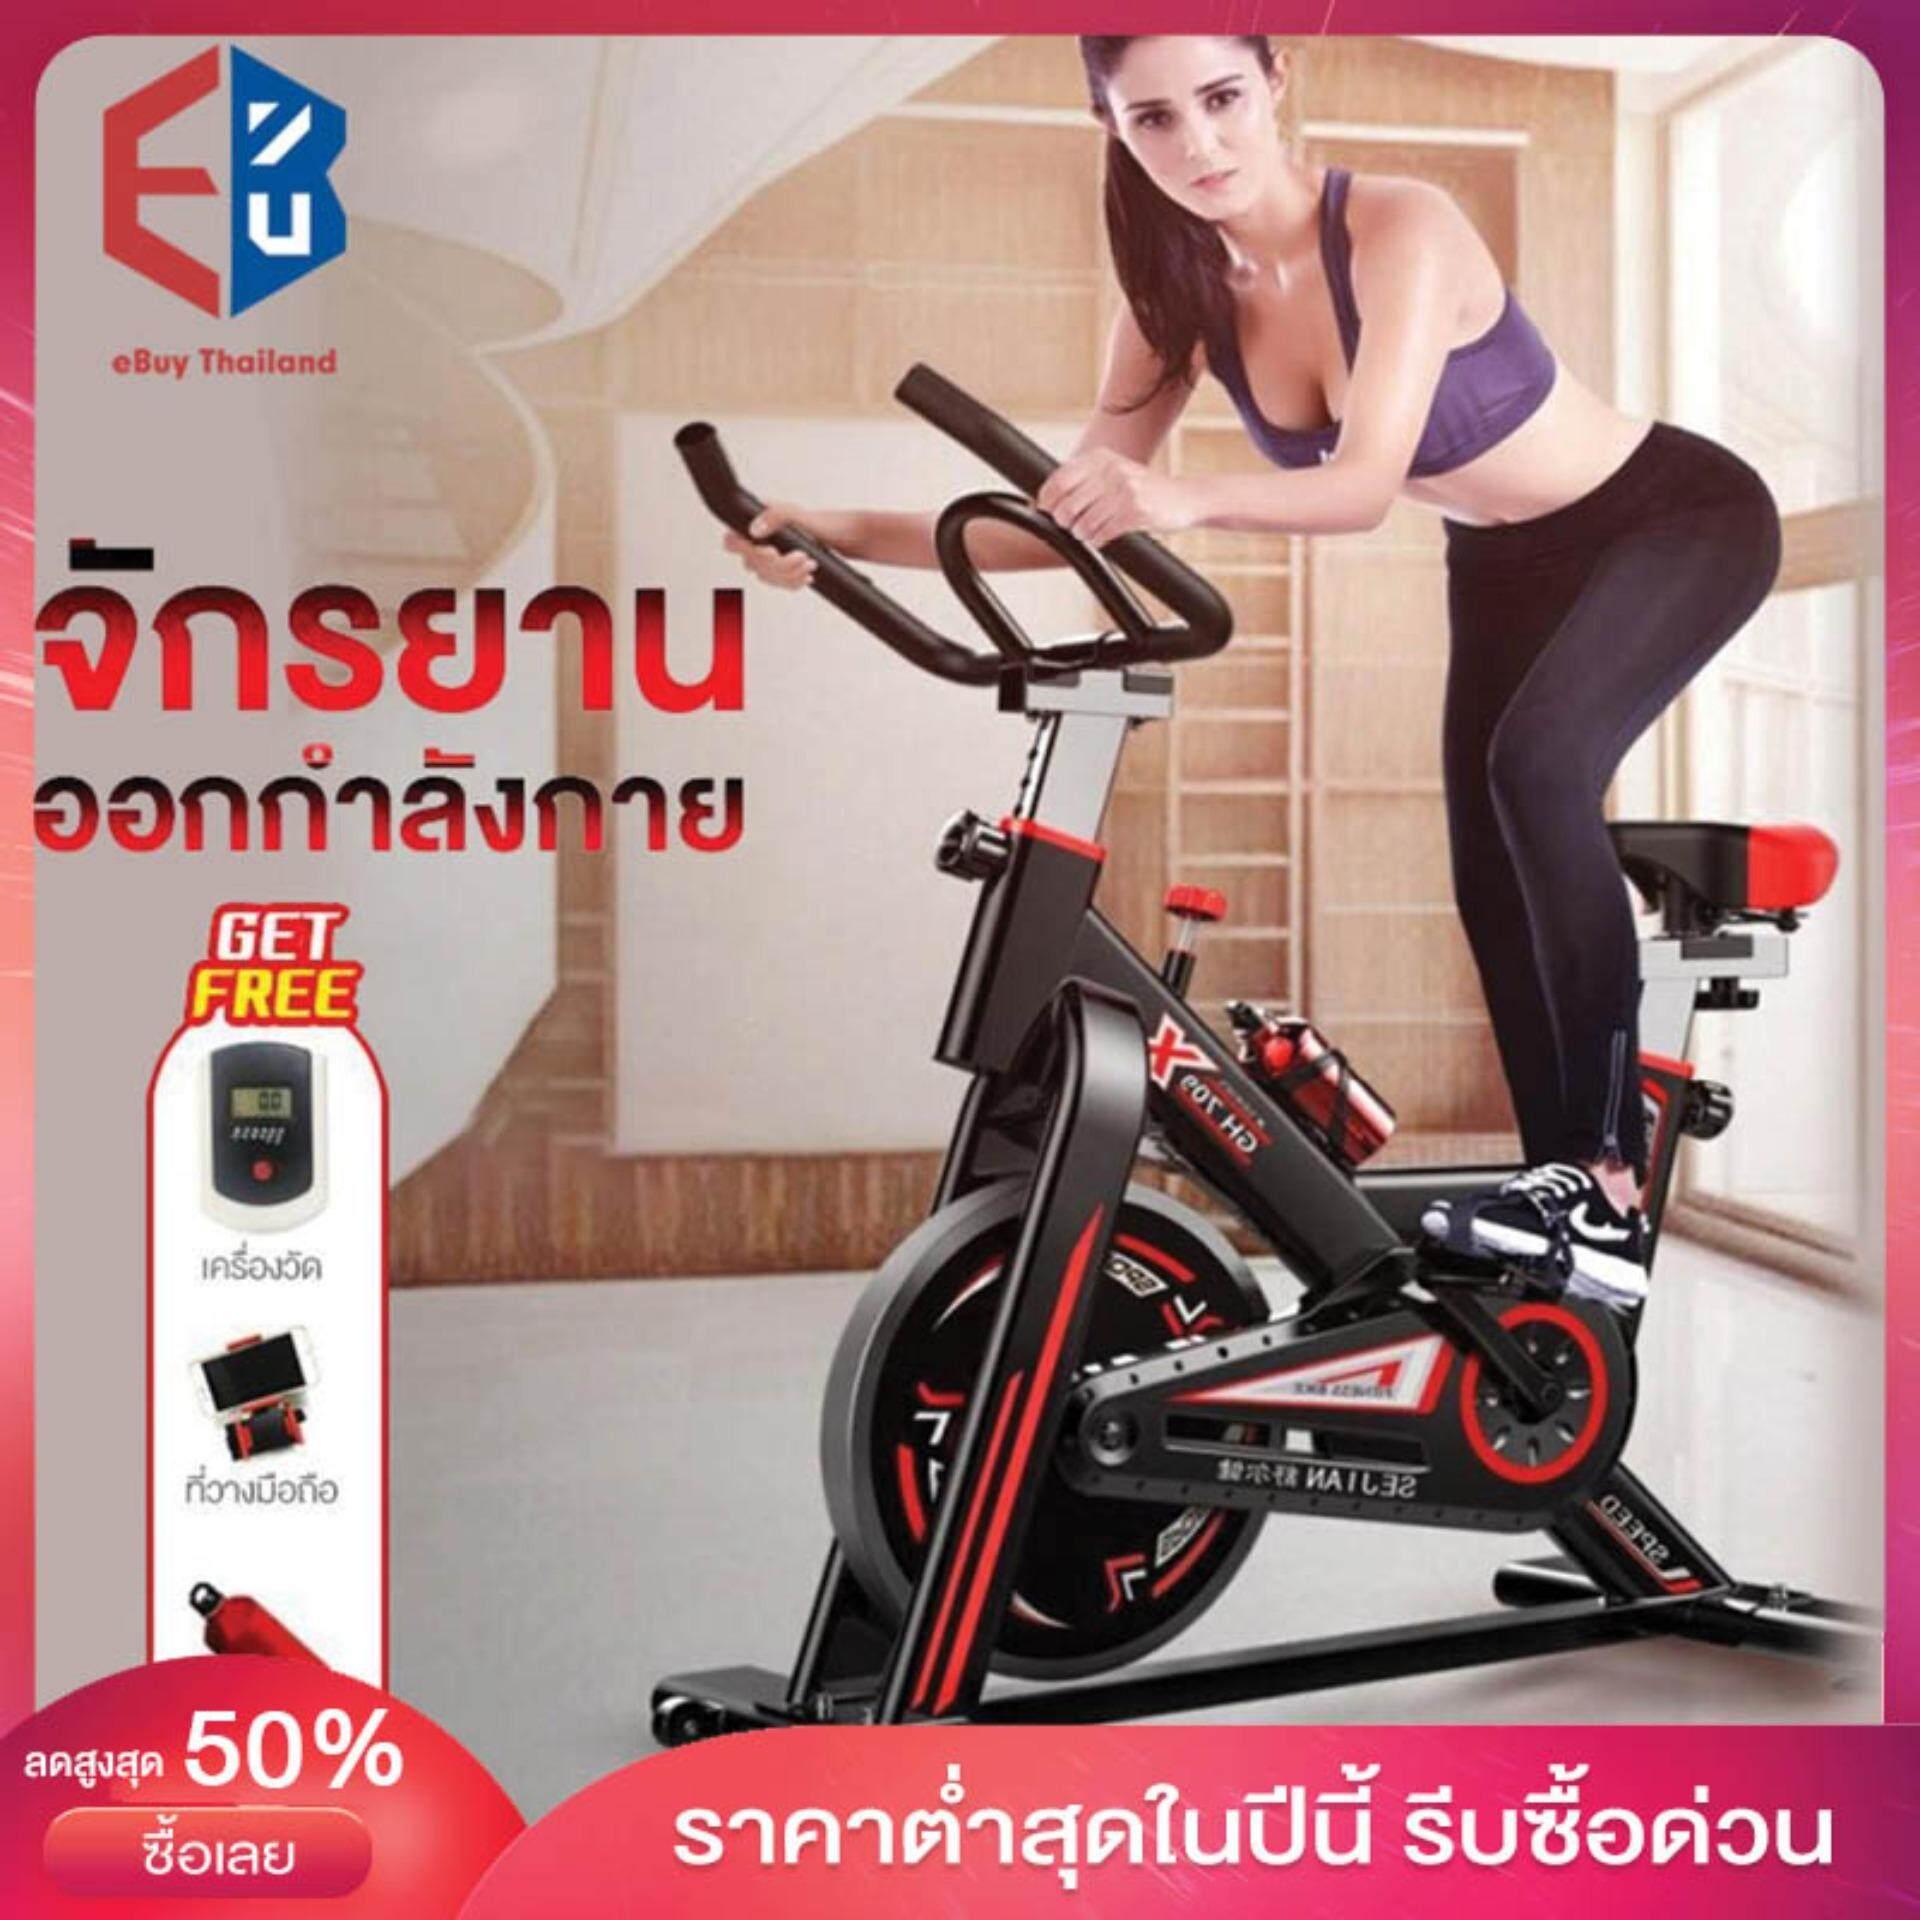 สอนใช้งาน จักรยานออกกำลังกาย จักรยานบริหาร รุ่น SPINNING BIKE จักรยานฟิตเนส Exercise Bike Spin Bike Commercial Grade  Speed Bike